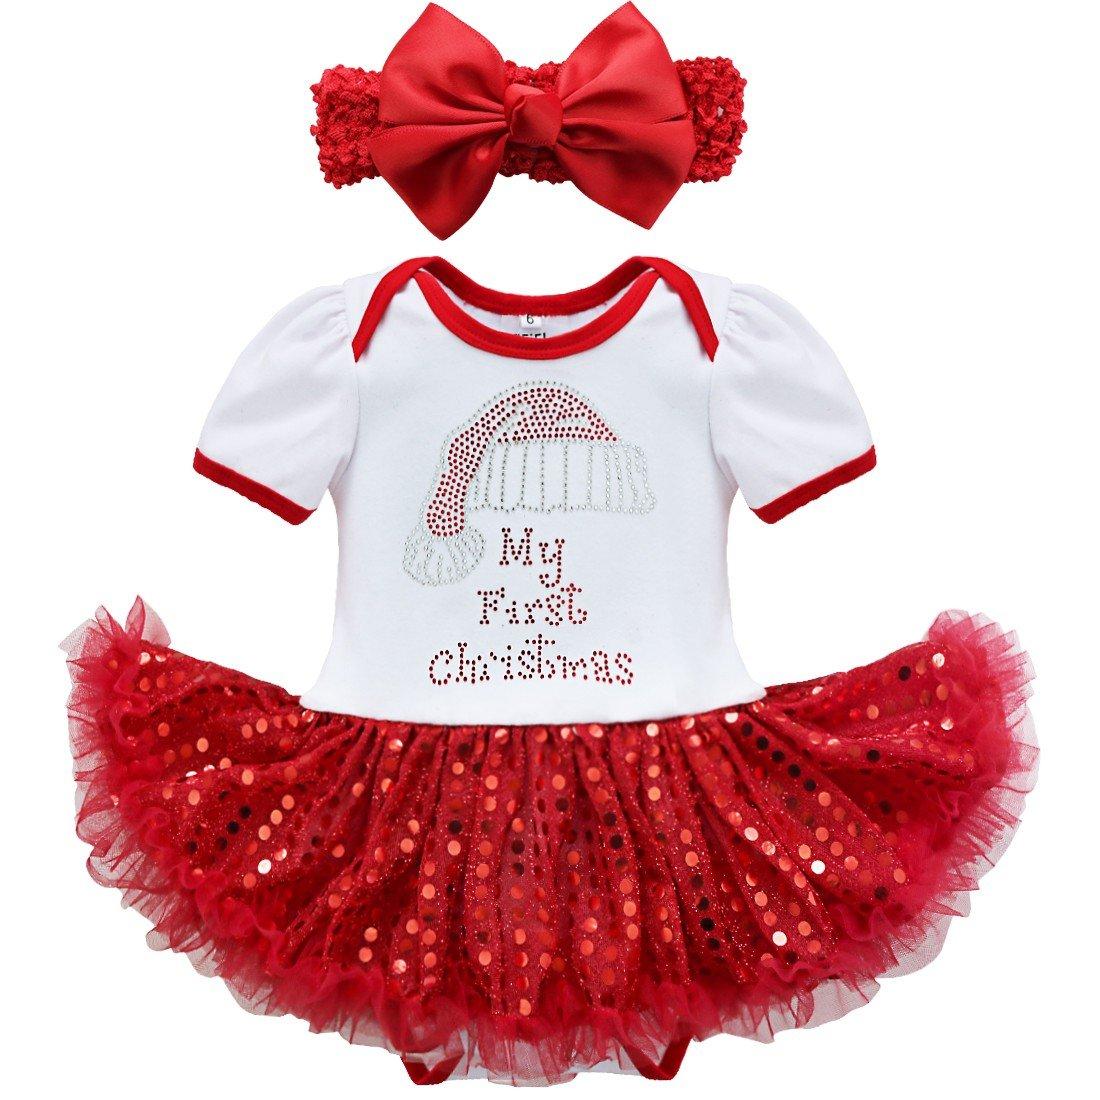 iiniim 2pcs Costume Noël Bébé Fille Barboteuse avec Bandeau Tenus Ensembles Fête 3-18 Mois